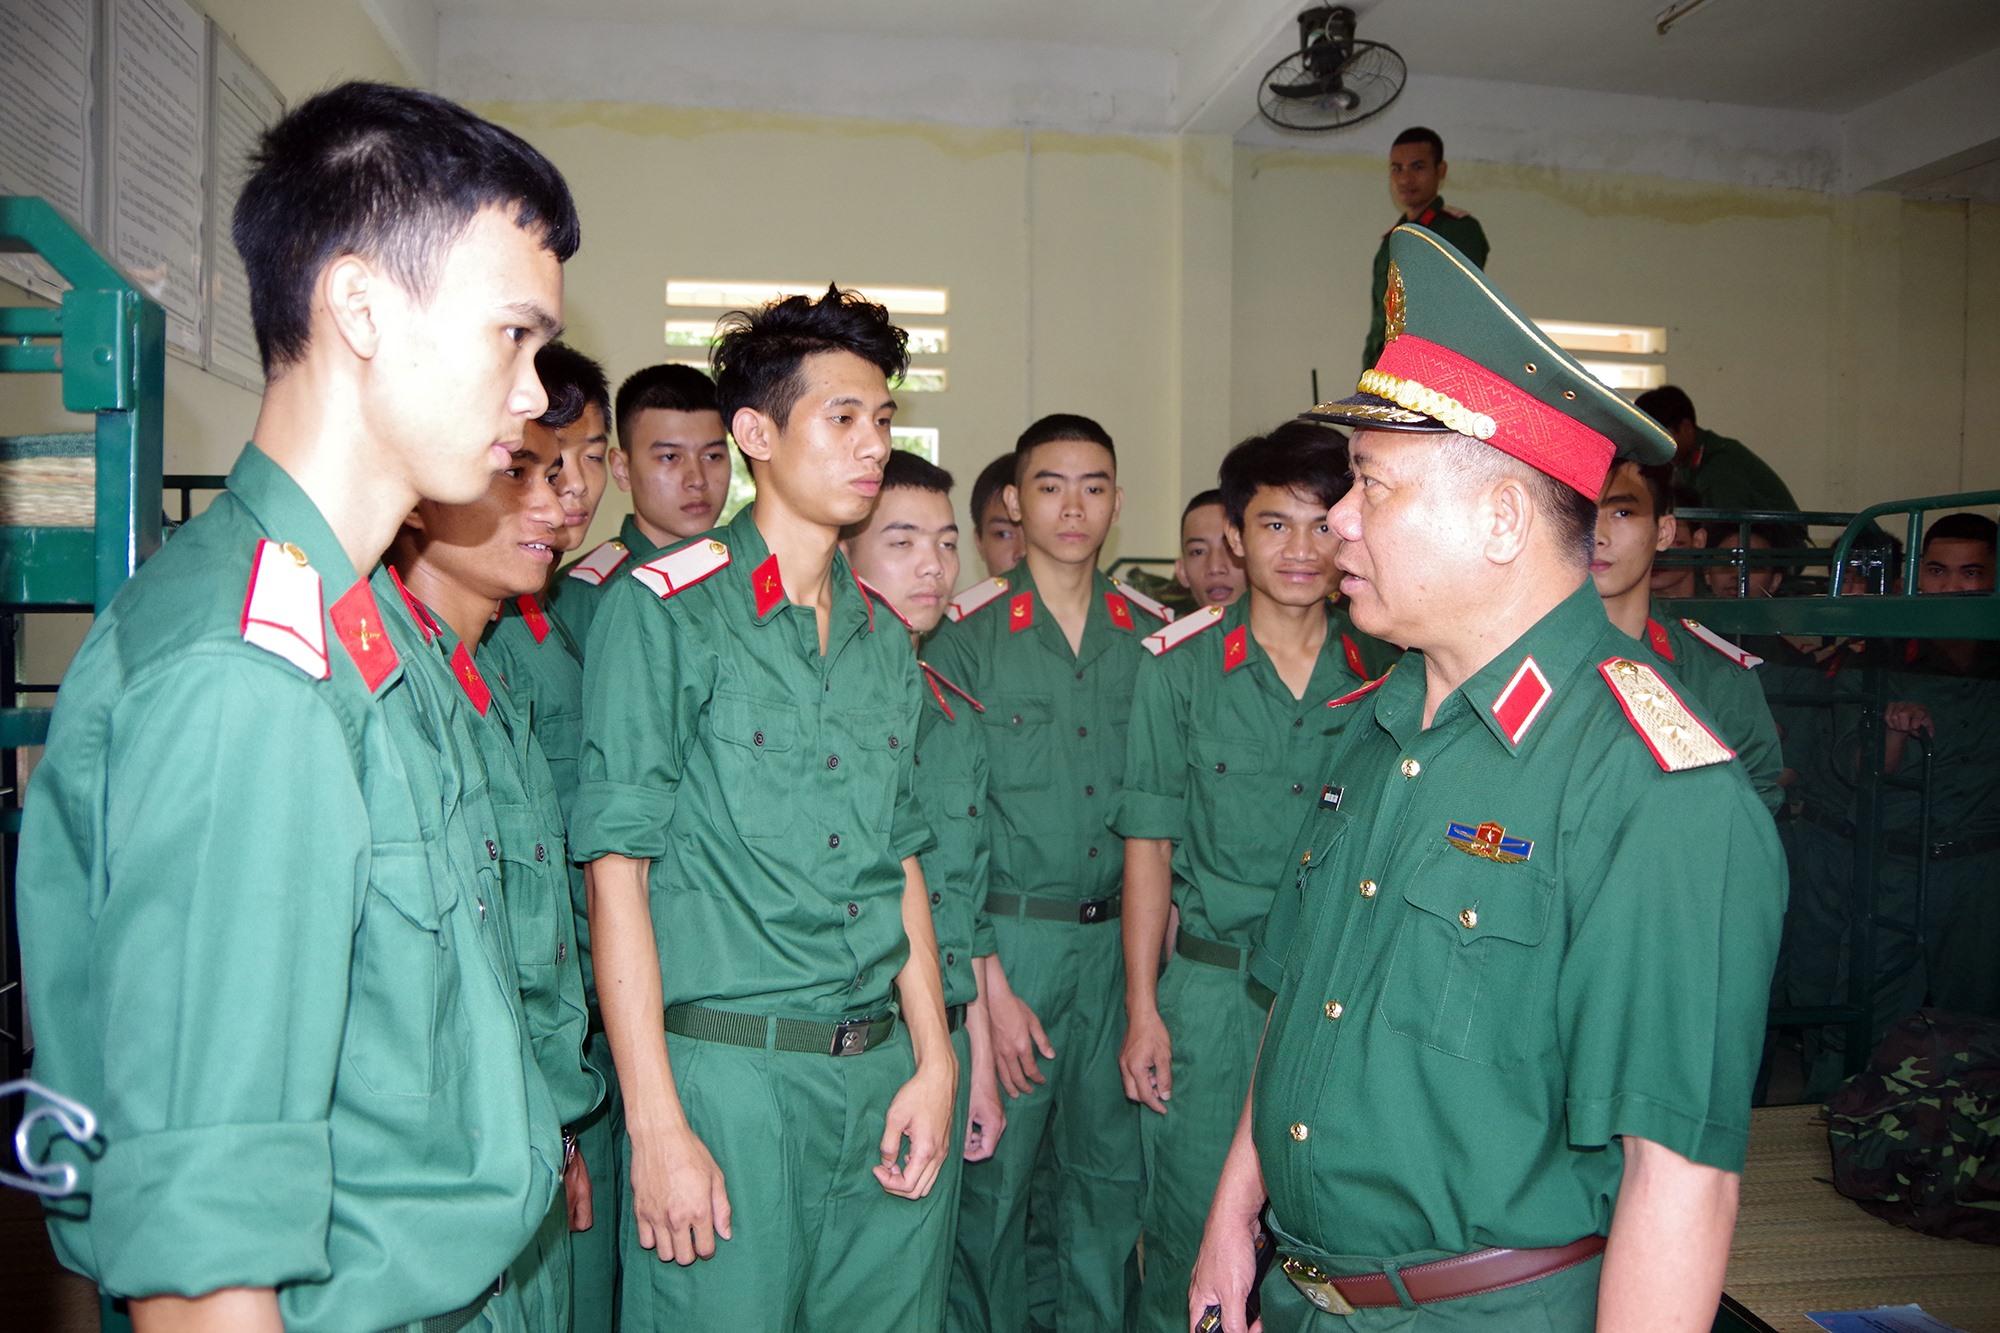 Trung tướng Nguyễn Long Cáng, Tư lệnh Quân khu 5 thăm, động viên chiến sĩ mới nhập ngũ năm 2020.